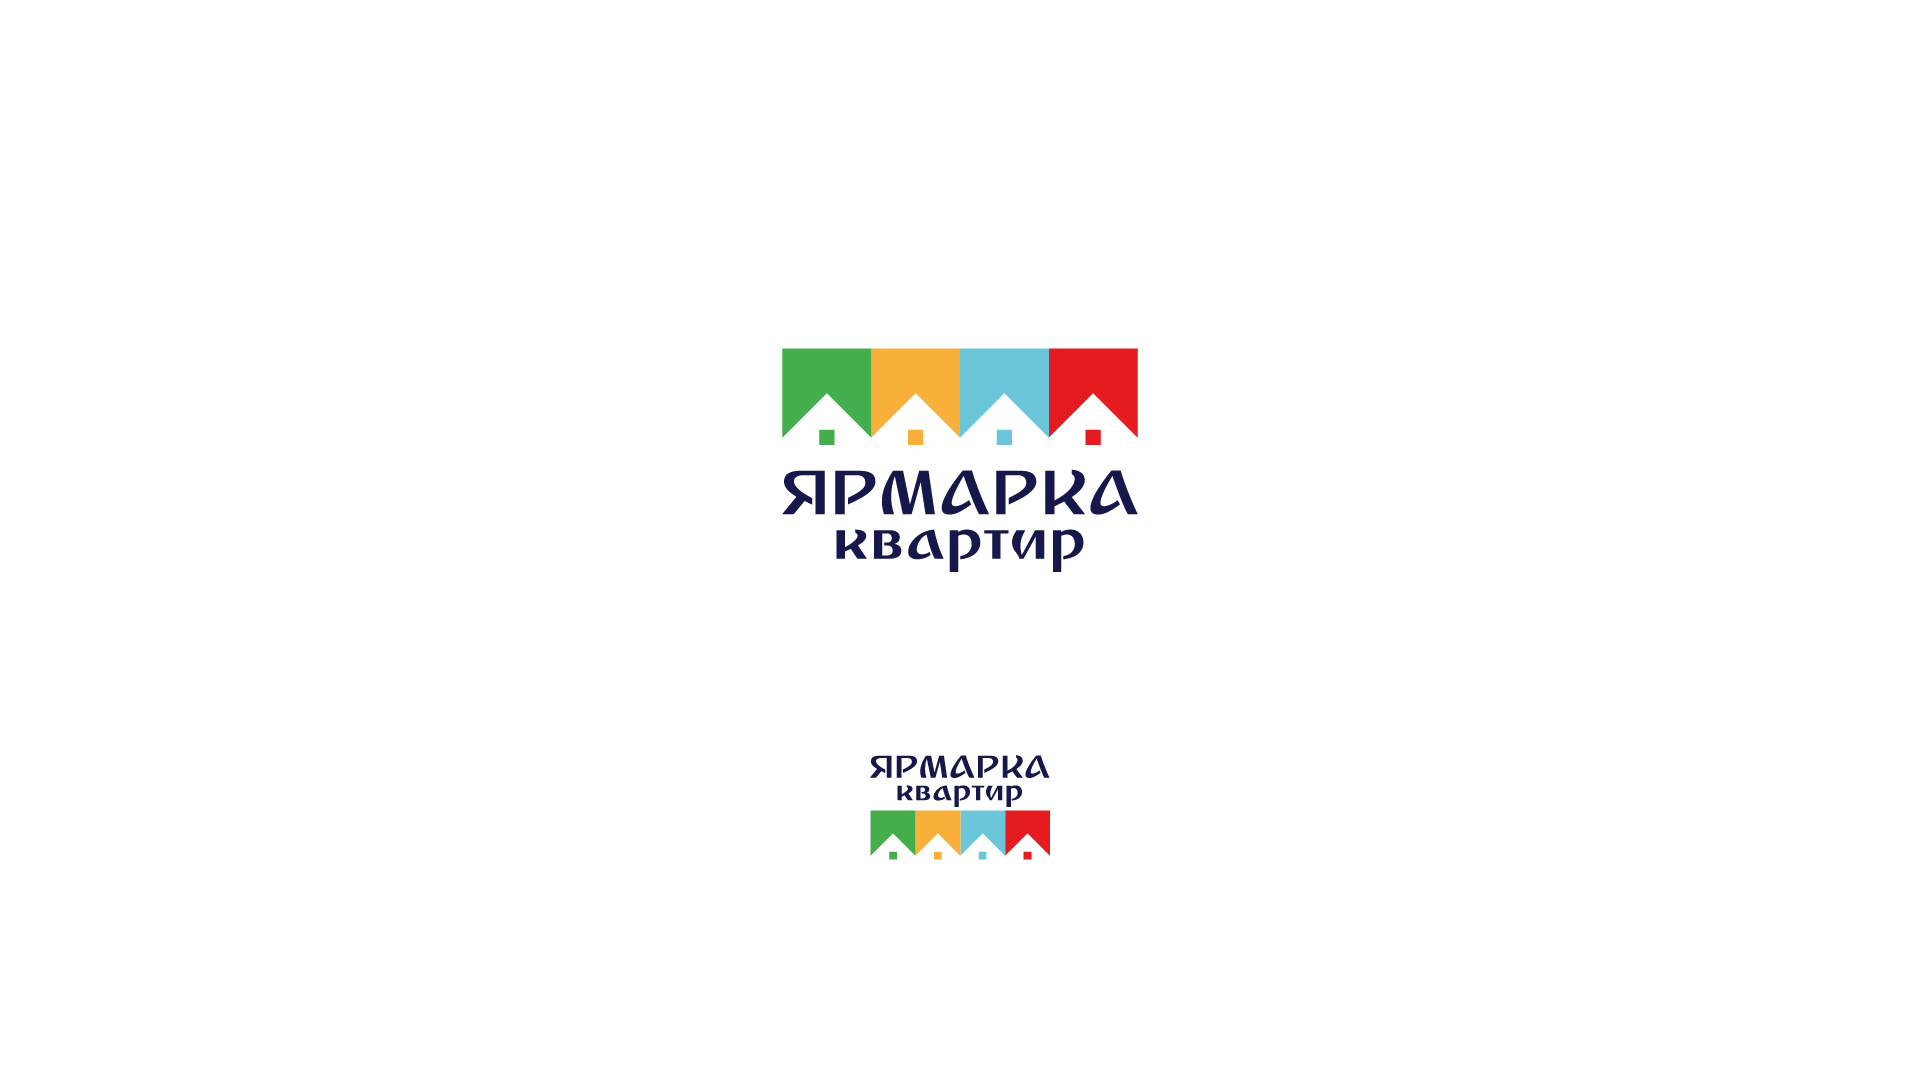 Создание логотипа, с вариантами для визитки и листовки фото f_344600b1aba8f307.png